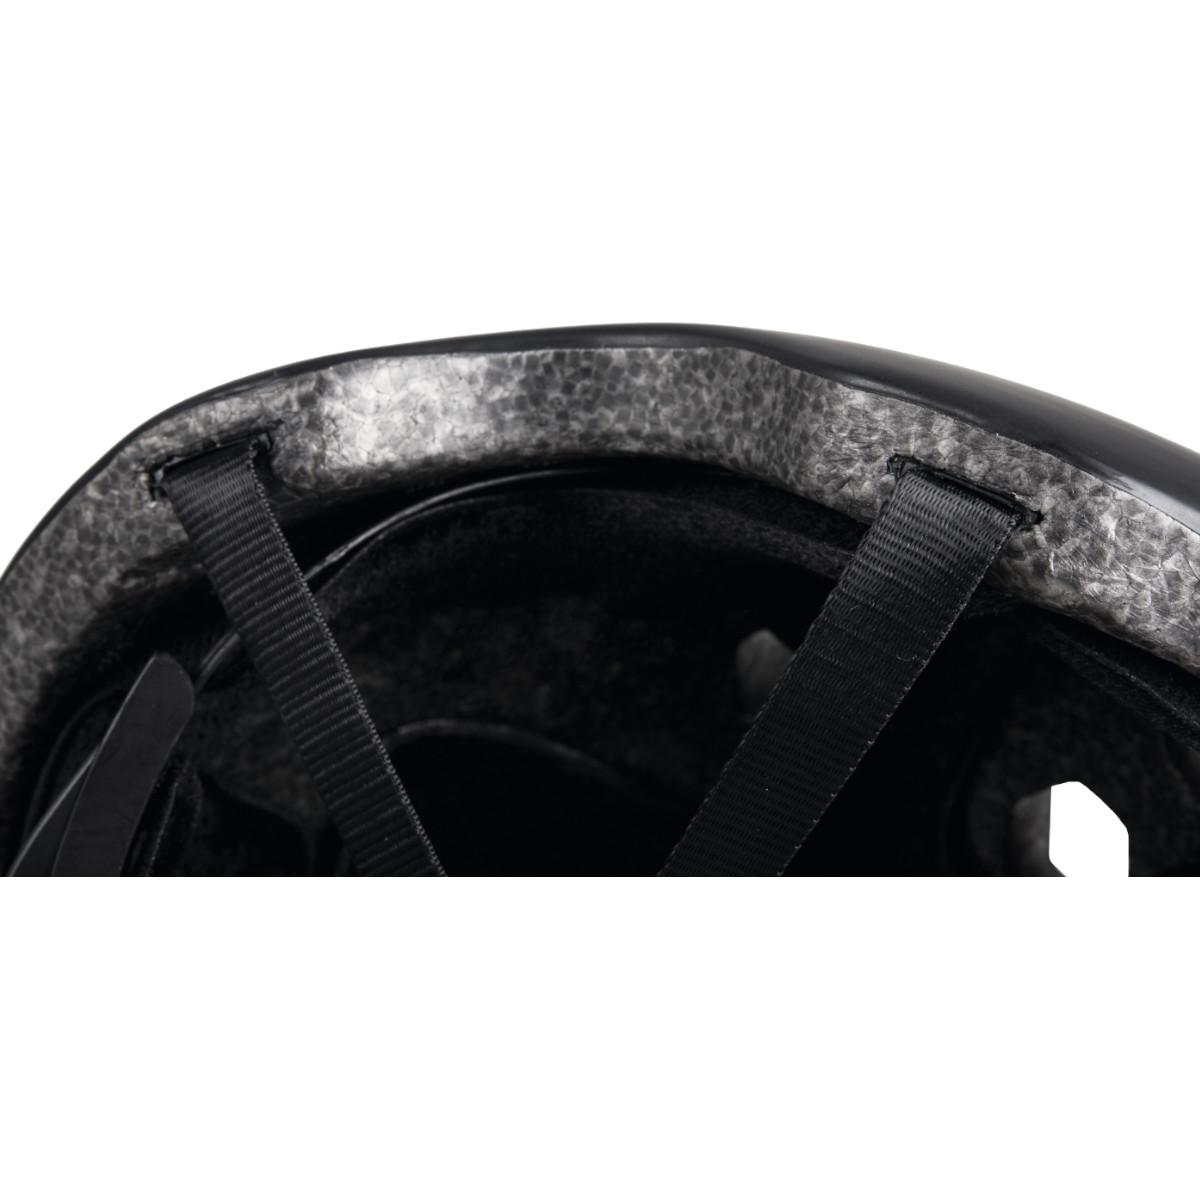 Chilli helma Inmold černá L (58-61 cm)